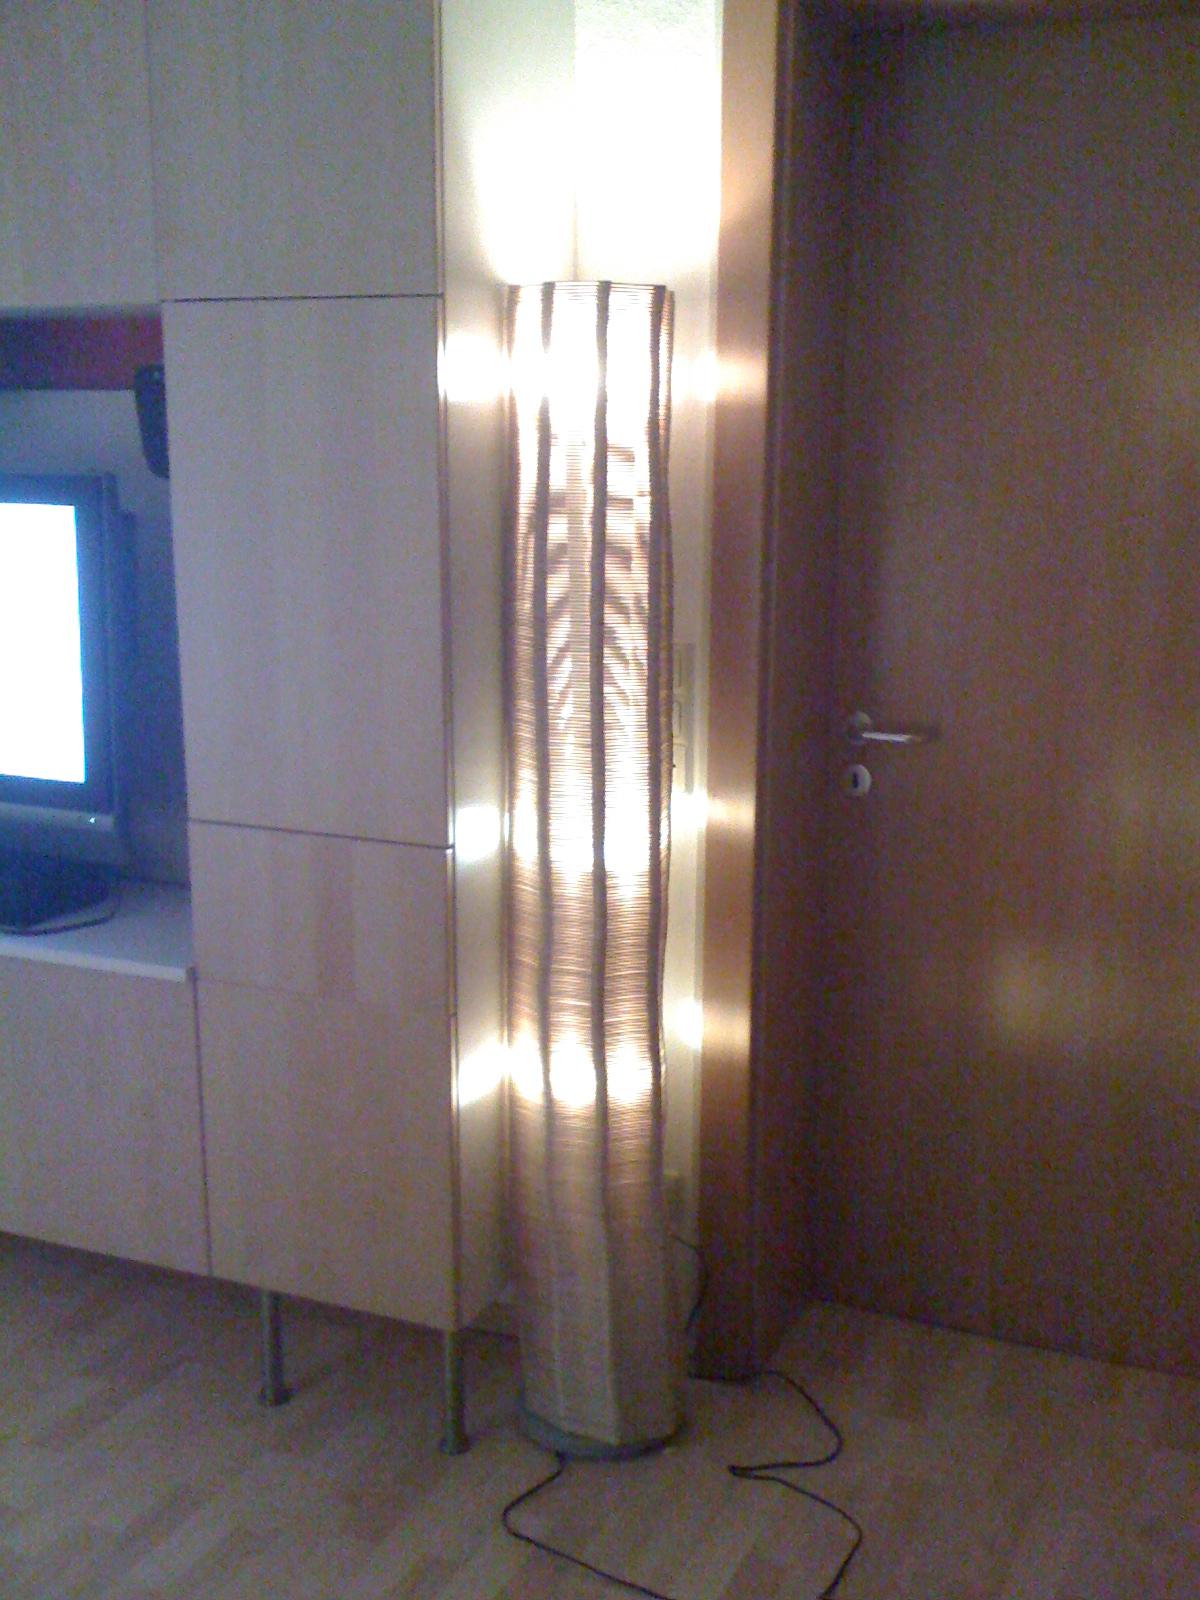 Full Size of Ikea Stehlampen Designer Stehlampe Aus Eisstielen Betten 160x200 Küche Kaufen Bei Miniküche Wohnzimmer Sofa Mit Schlaffunktion Kosten Modulküche Wohnzimmer Ikea Stehlampen